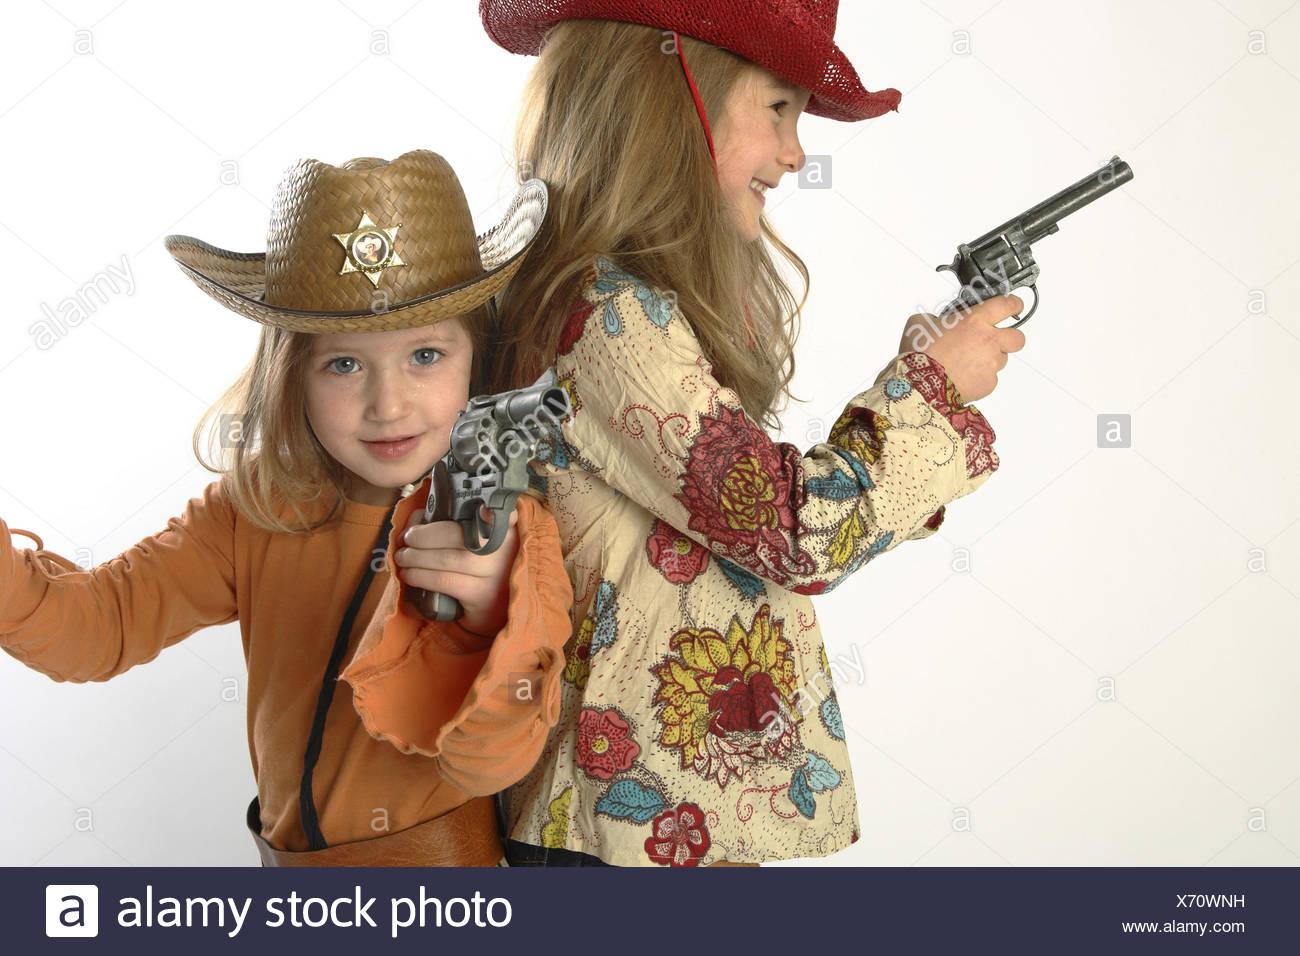 Madchen Verkleidung Cowgirls Geste Pistolen An Der Seite